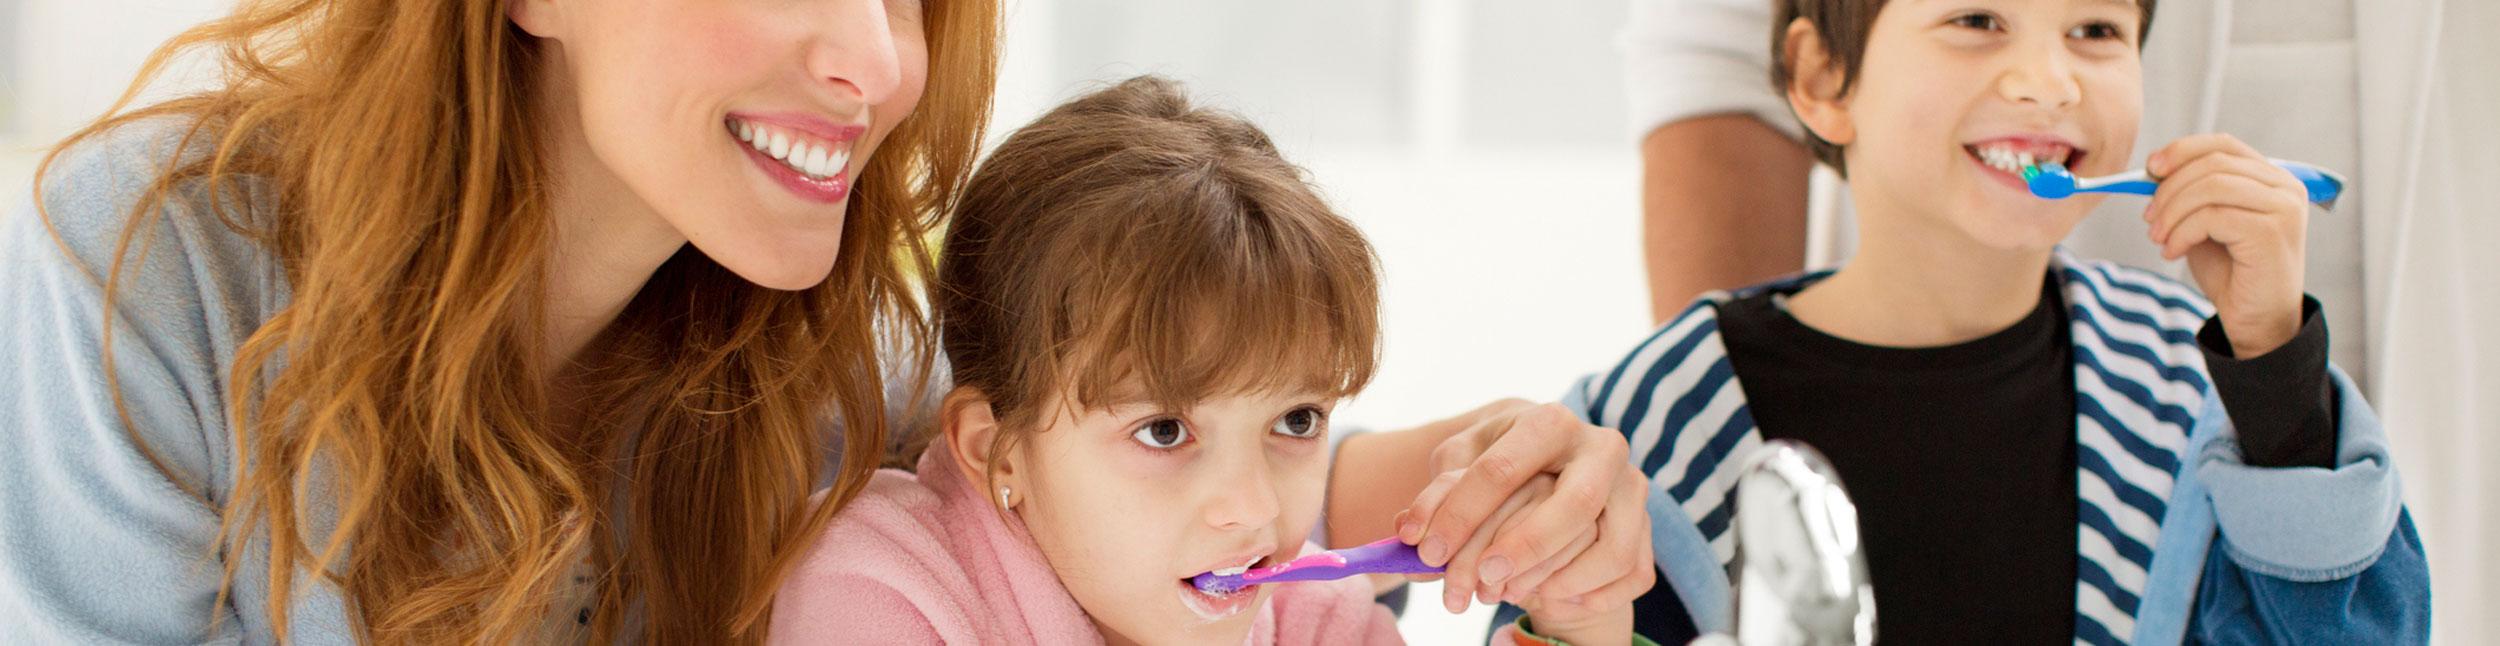 Familie mit Kindern am Zähneputzen und lachen.